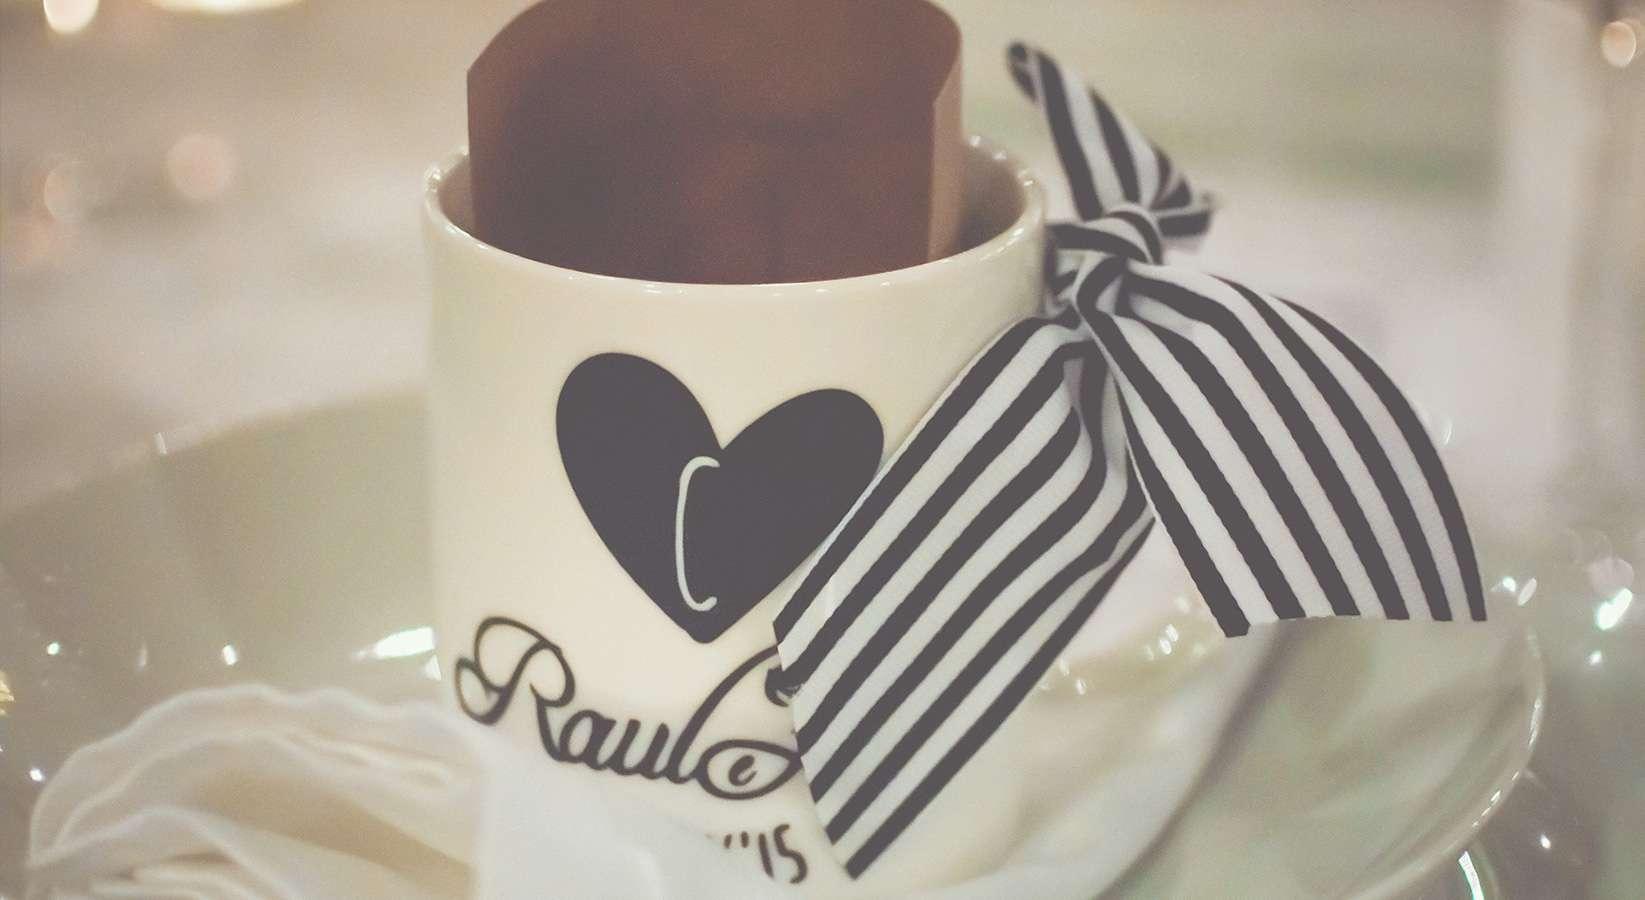 Raul_Ana